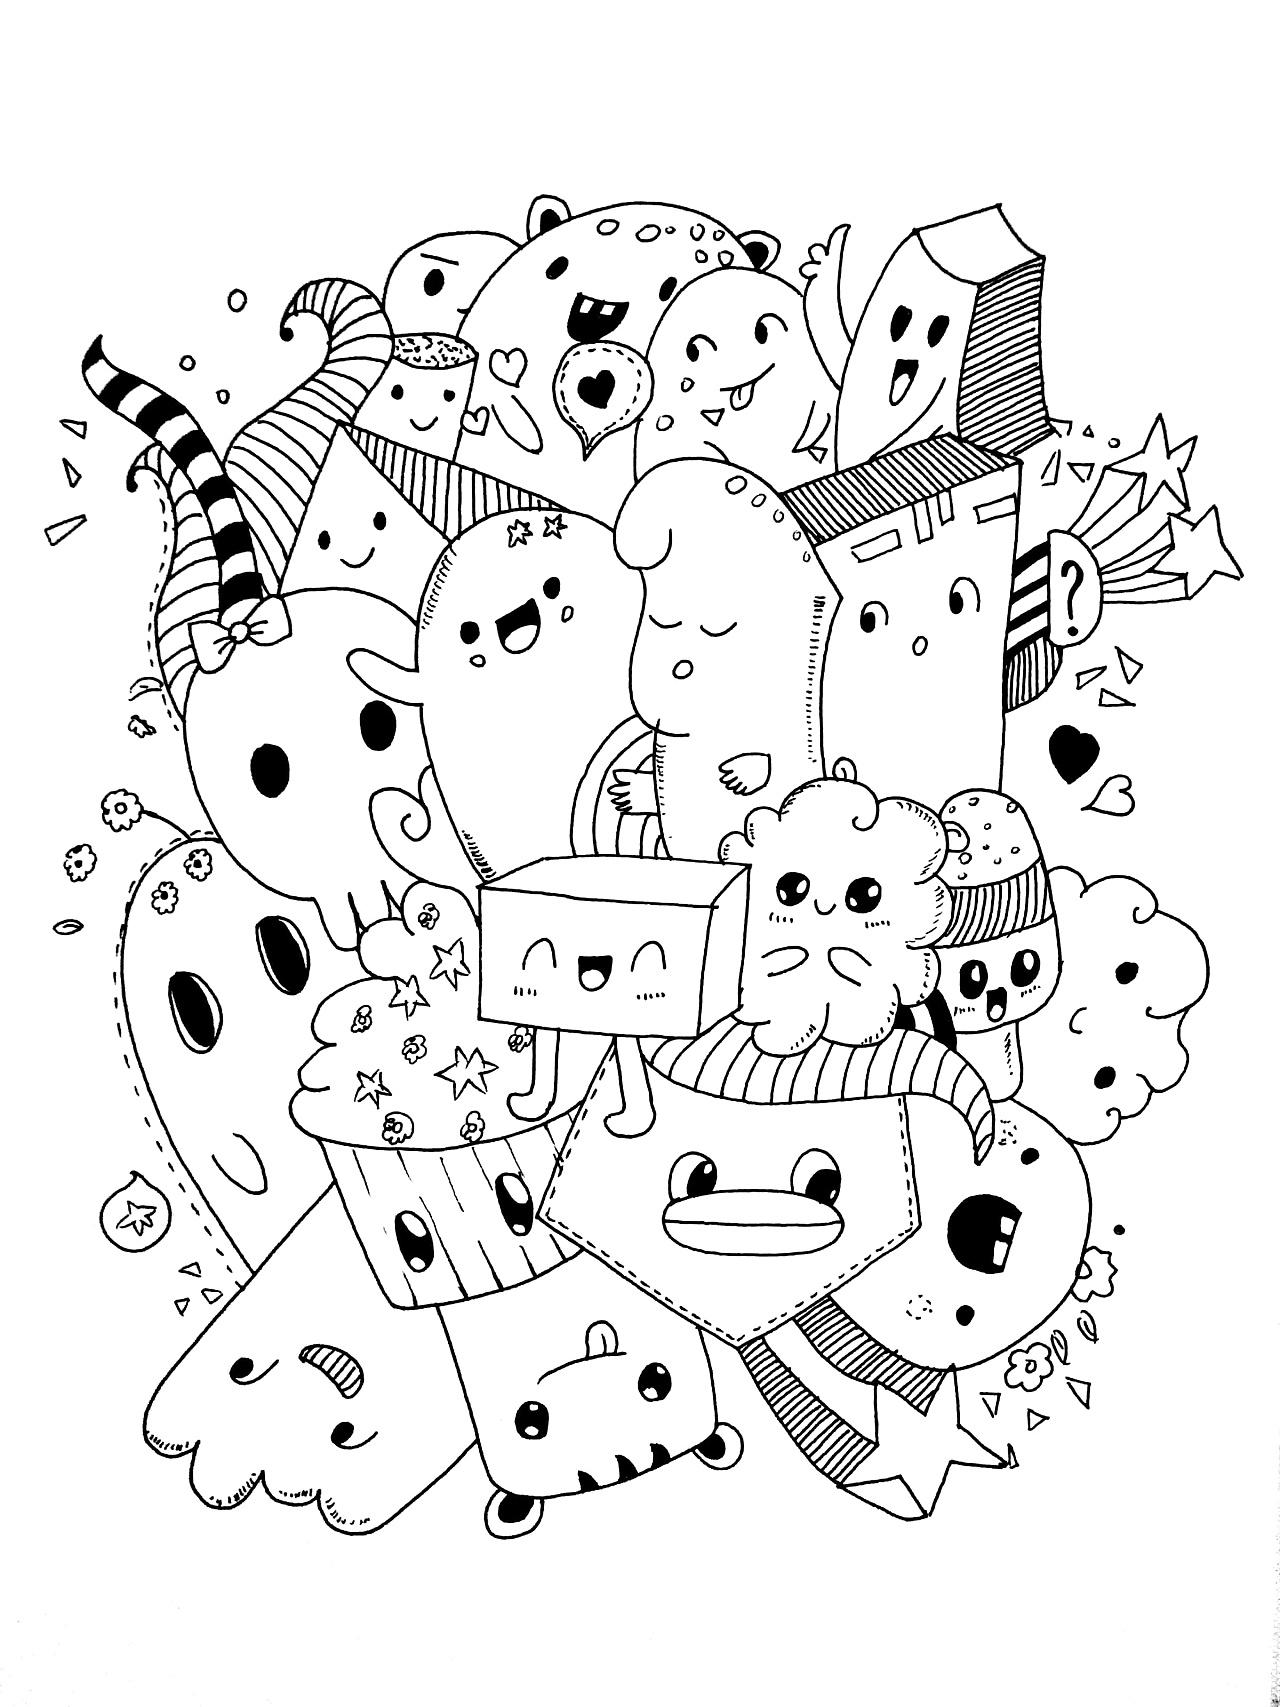 黑白画|纯艺术|钢笔画|耳机陆大大 - 原创作品 - 站酷图片